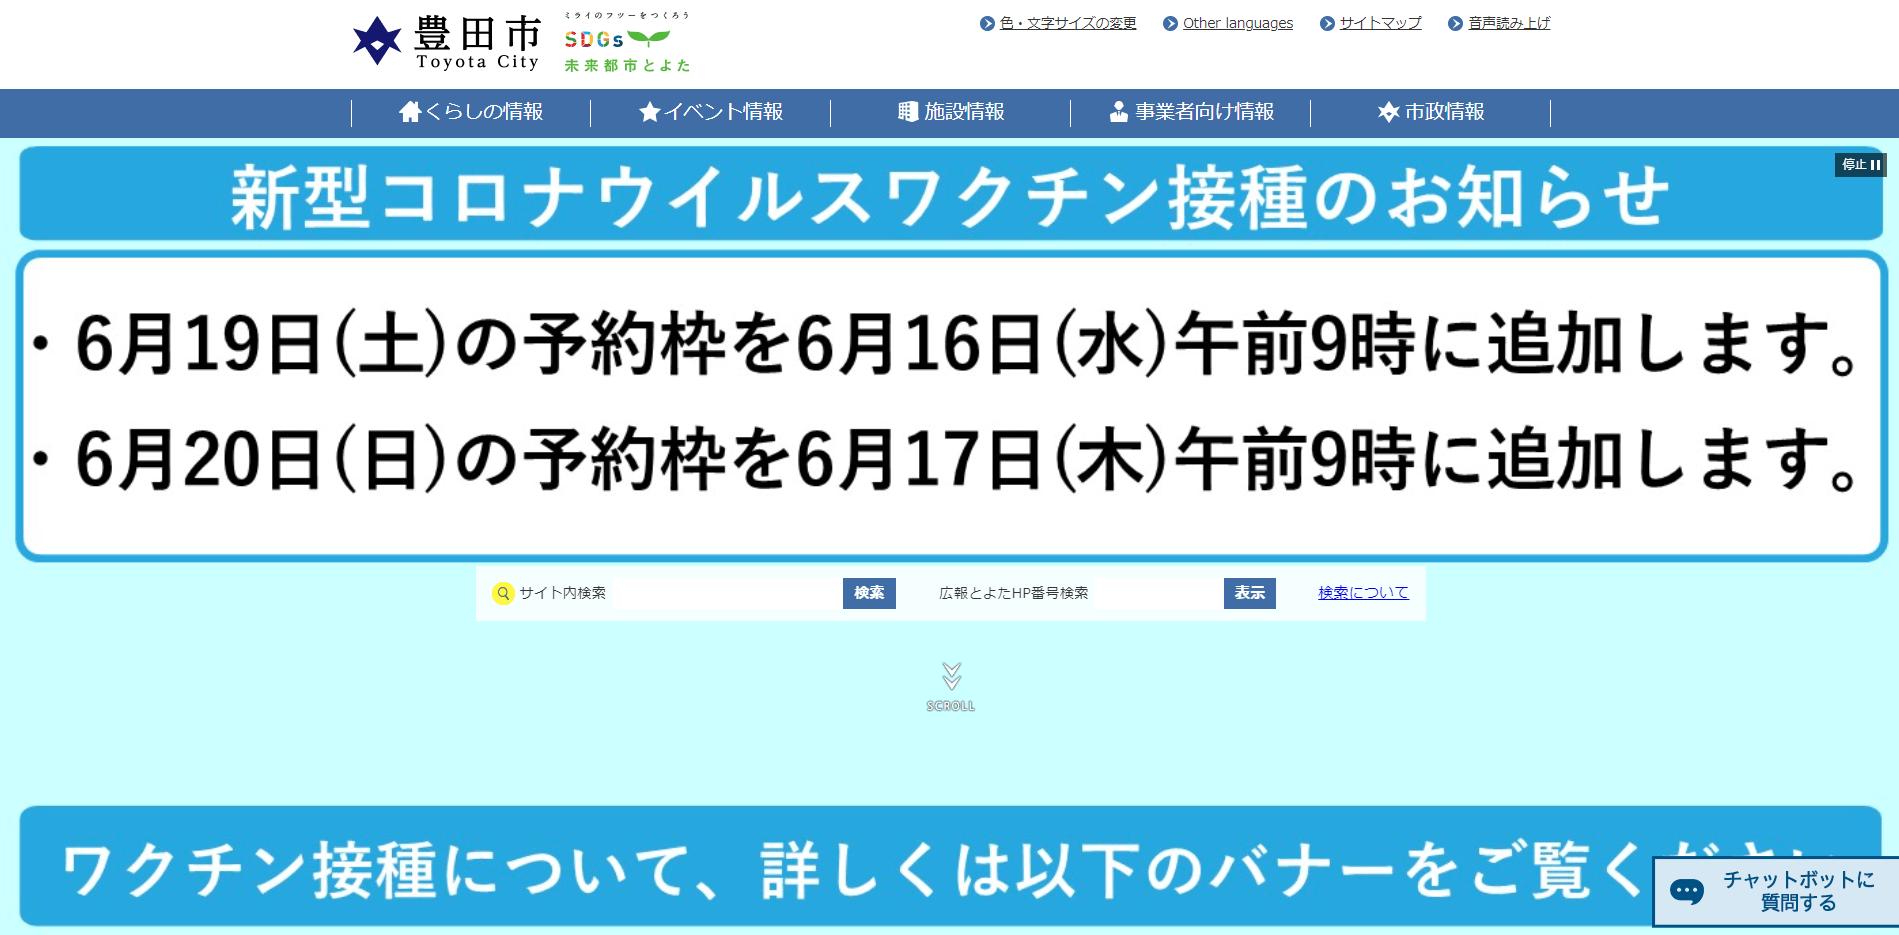 豊田市ホームページのスクリーンショット